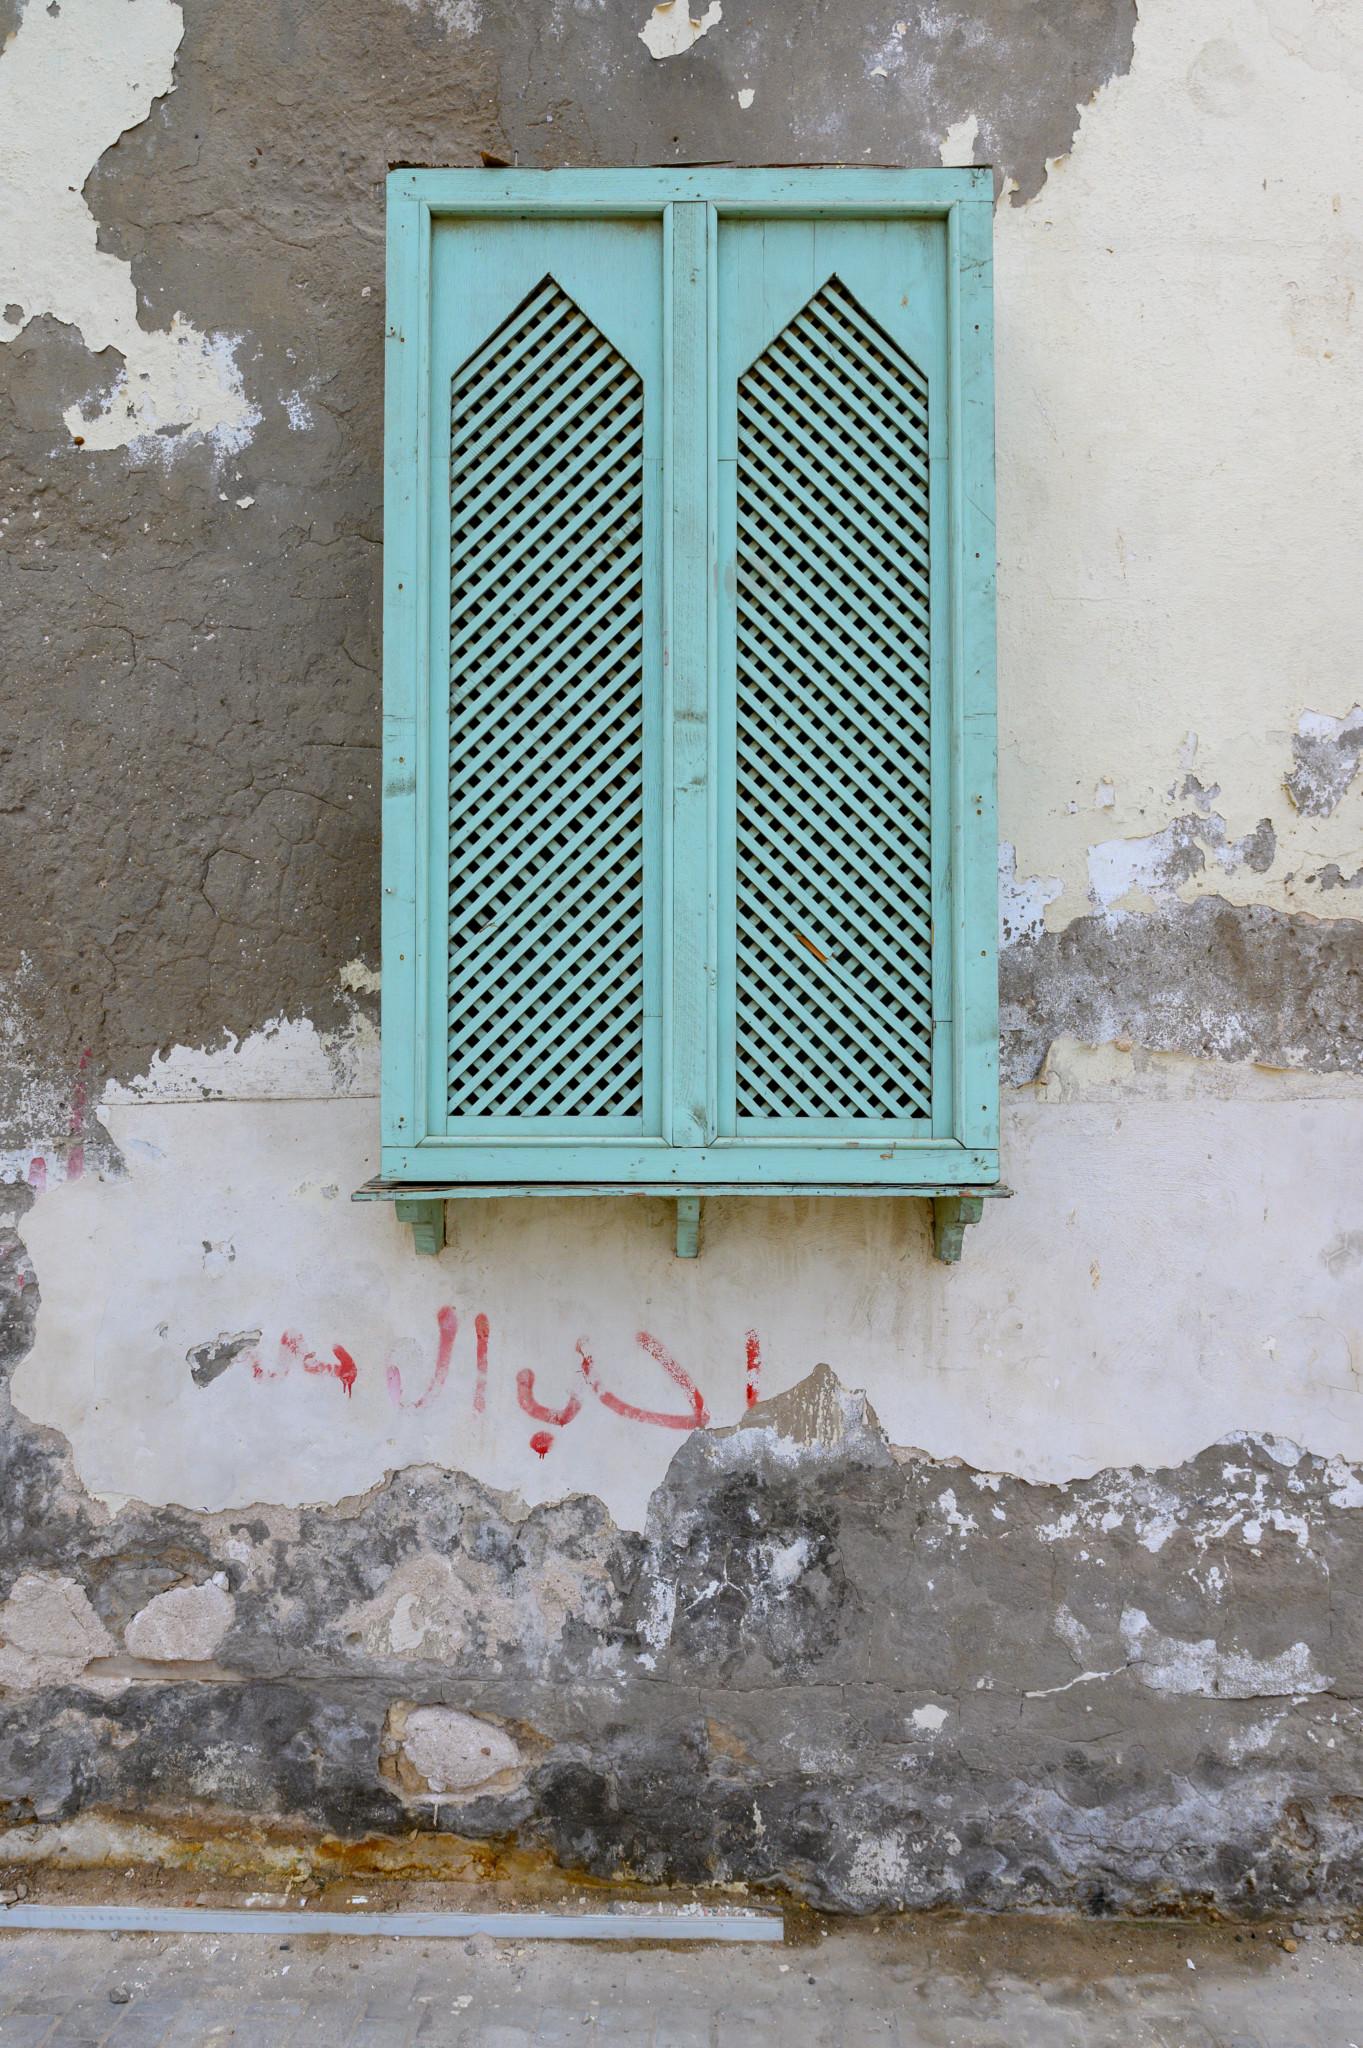 Alte Details an den Häusern in der Altstadt von Jeddah